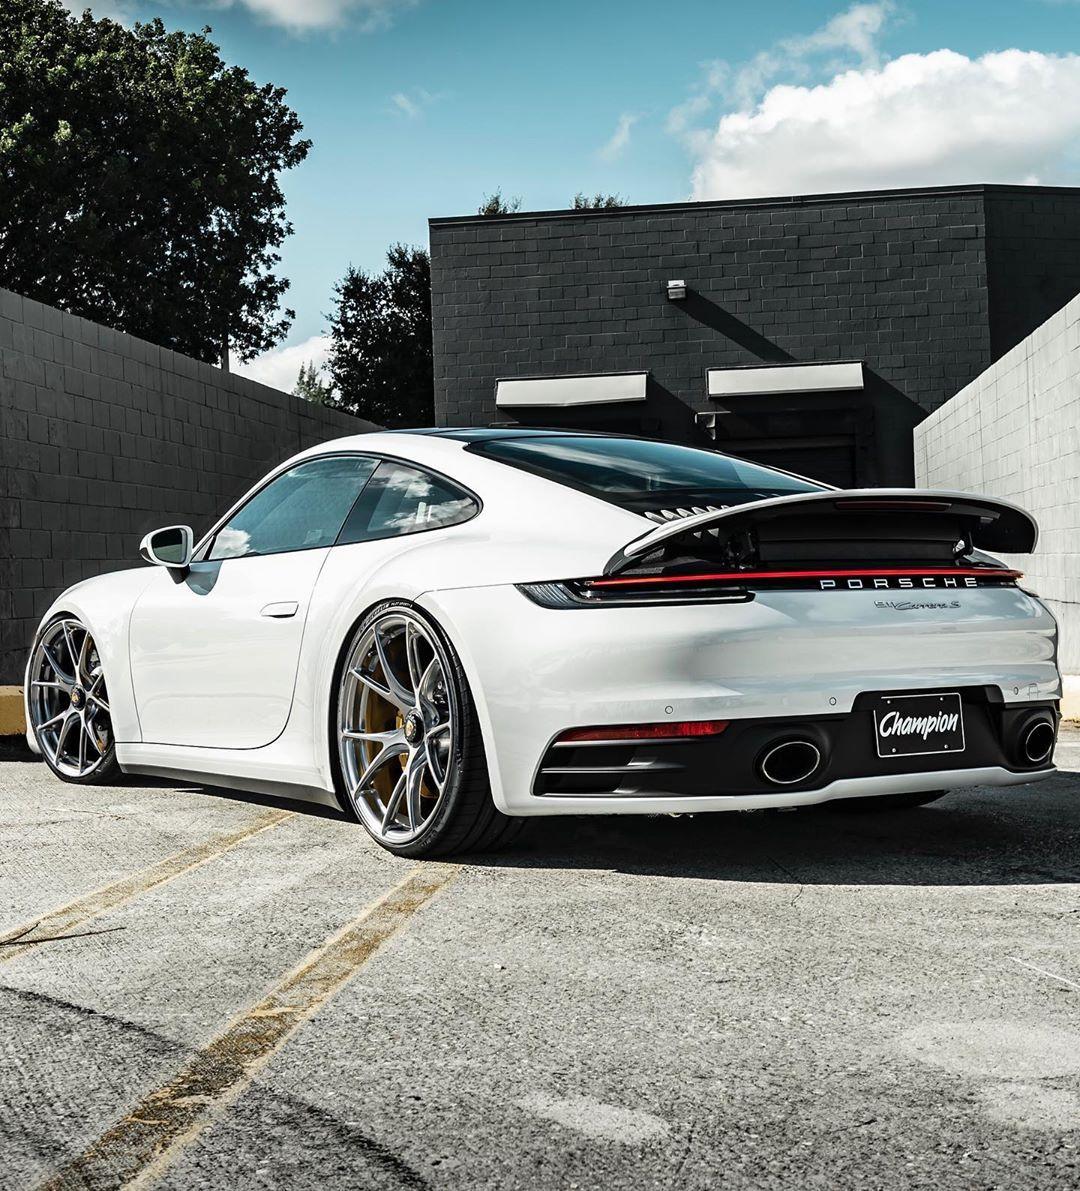 Kyle Fletcher On Instagram Would You Take Carrera White Porsche 992 Championmotorsport Vossen In 2020 Sports Cars Luxury Porsche Porsche 911